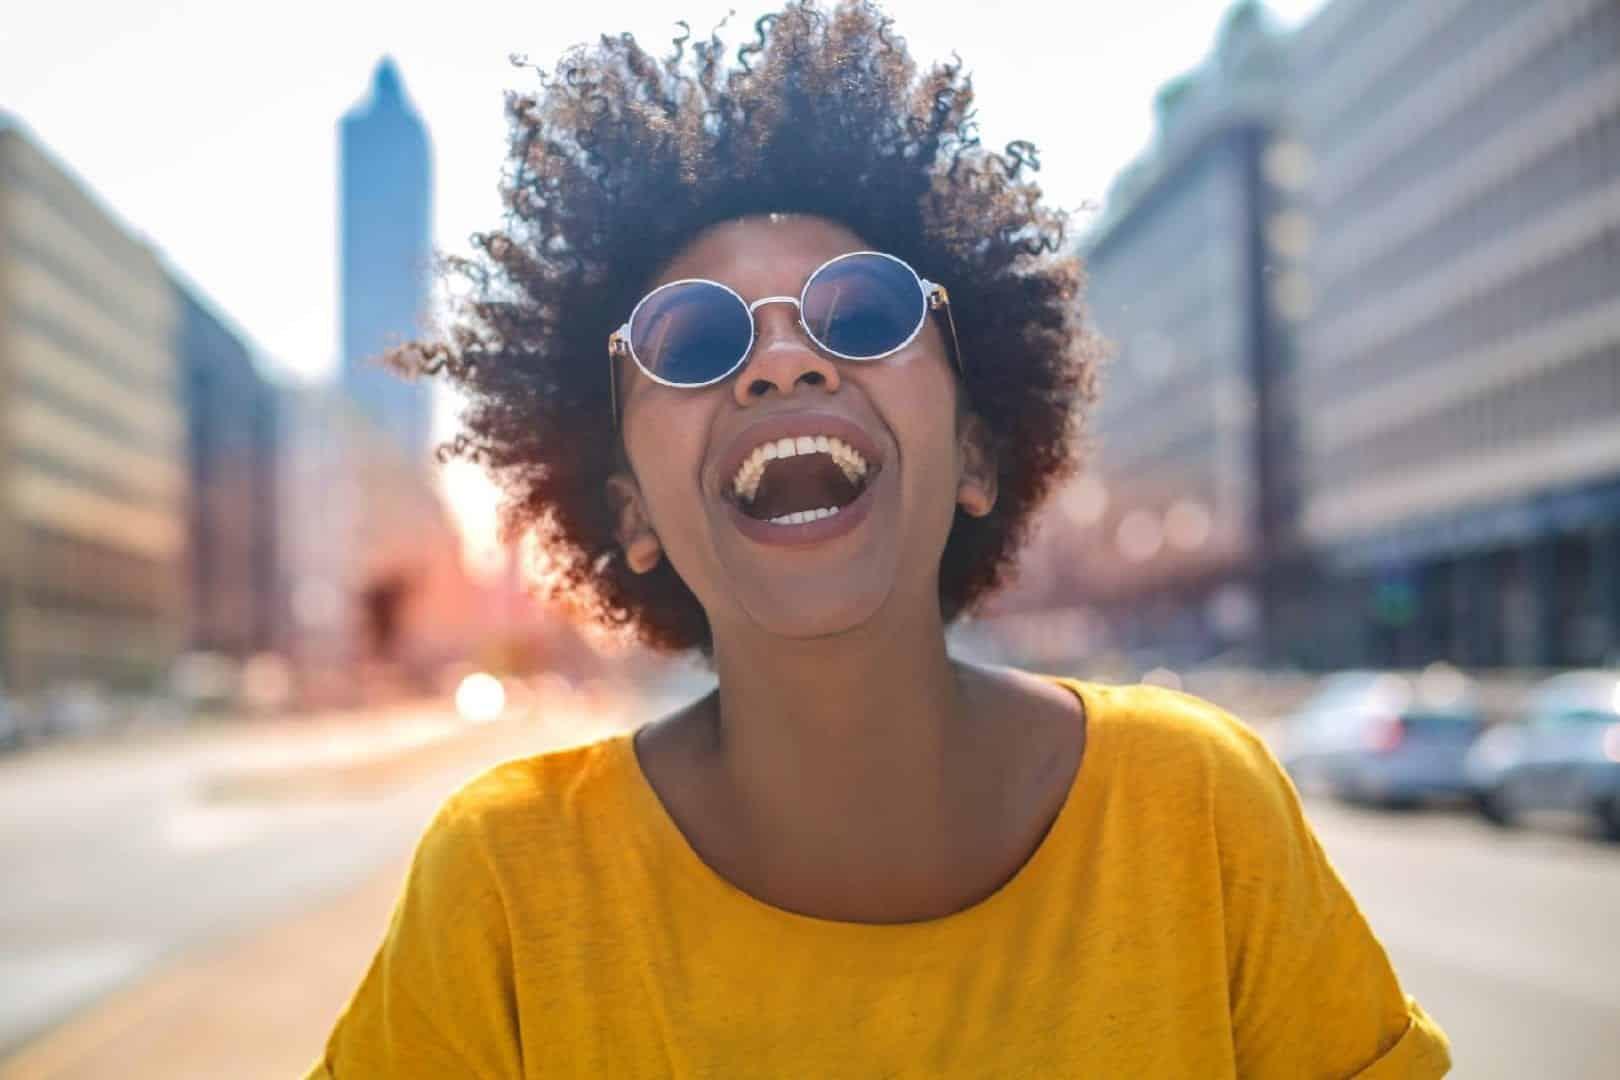 Afinal, o que é o humor? E o que significa o humor negro?